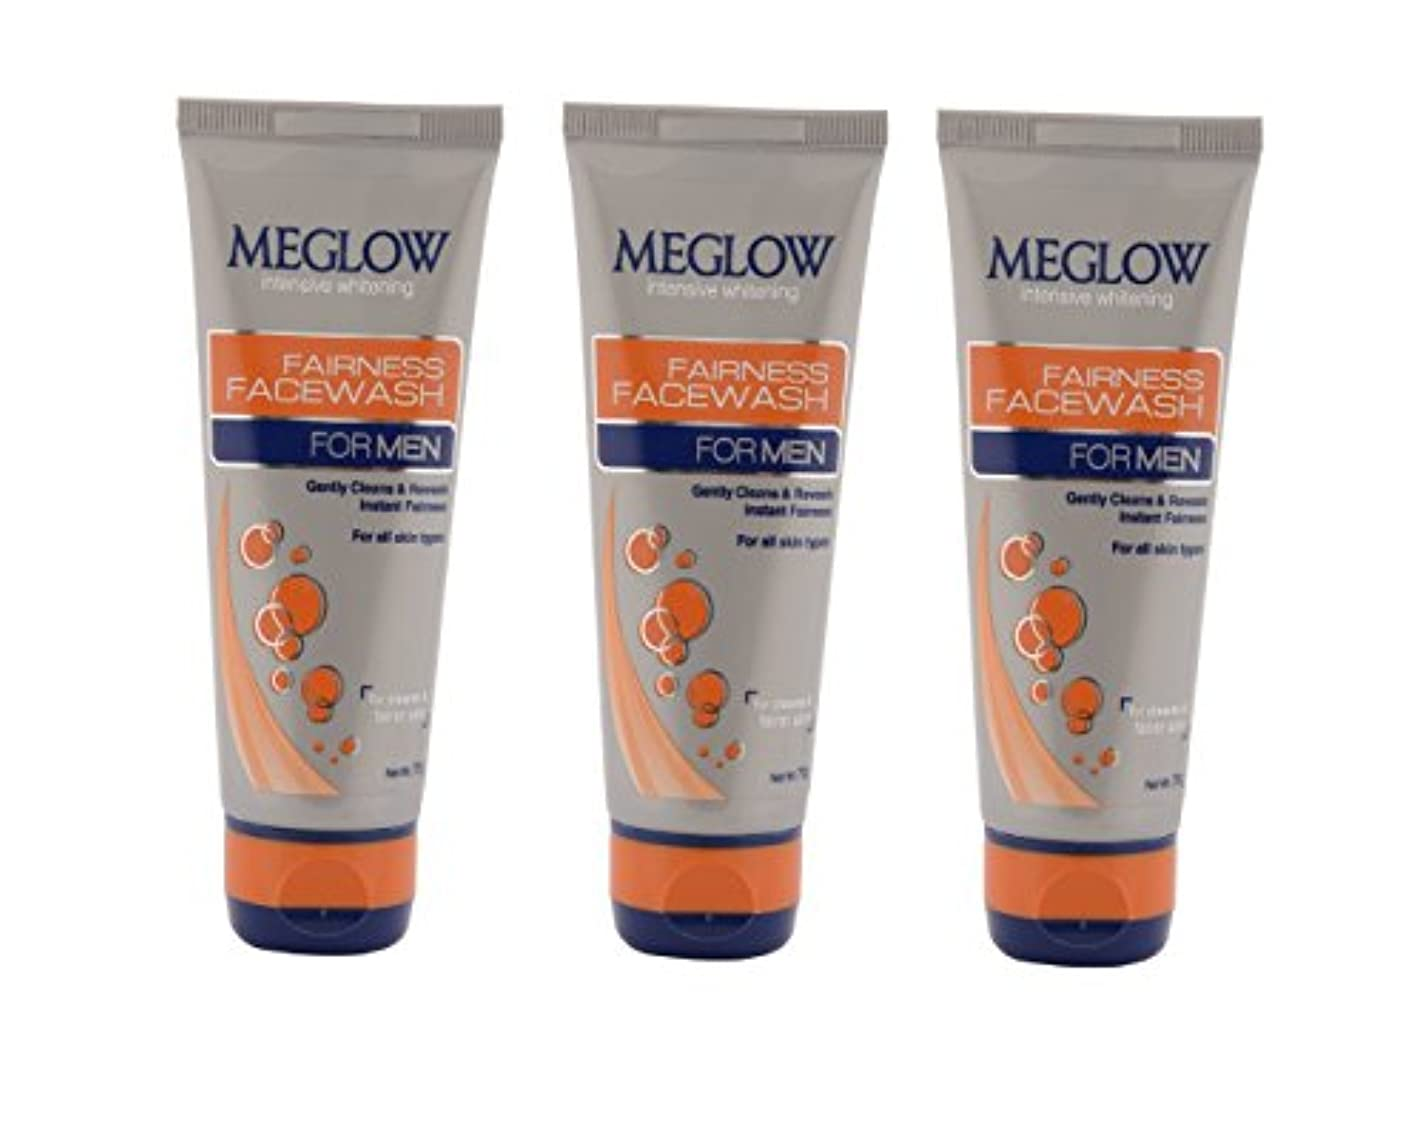 サロン醜いペネロペMeglow Intensive Whitening Fairness Face Wash For Men 70 G (Pack of 3)